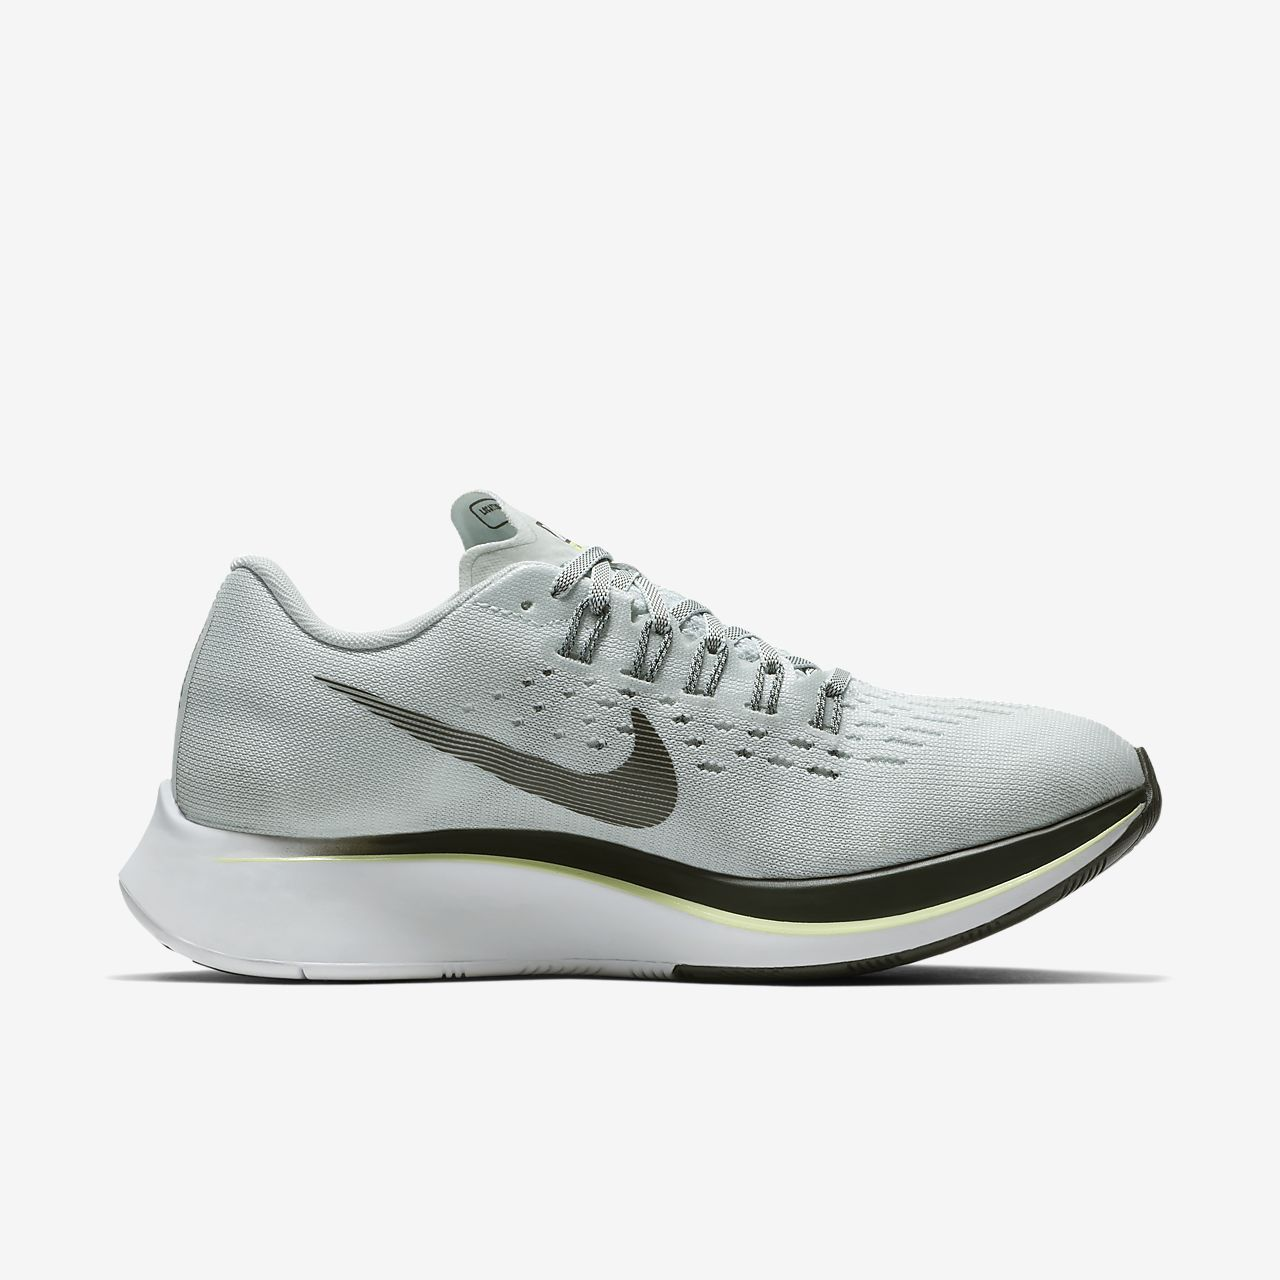 Da Donna Nike in Season Sport da Palestra Allenamento Scarpe Da Ginnastica Taglia 5 NUOVO Nero e Grigio